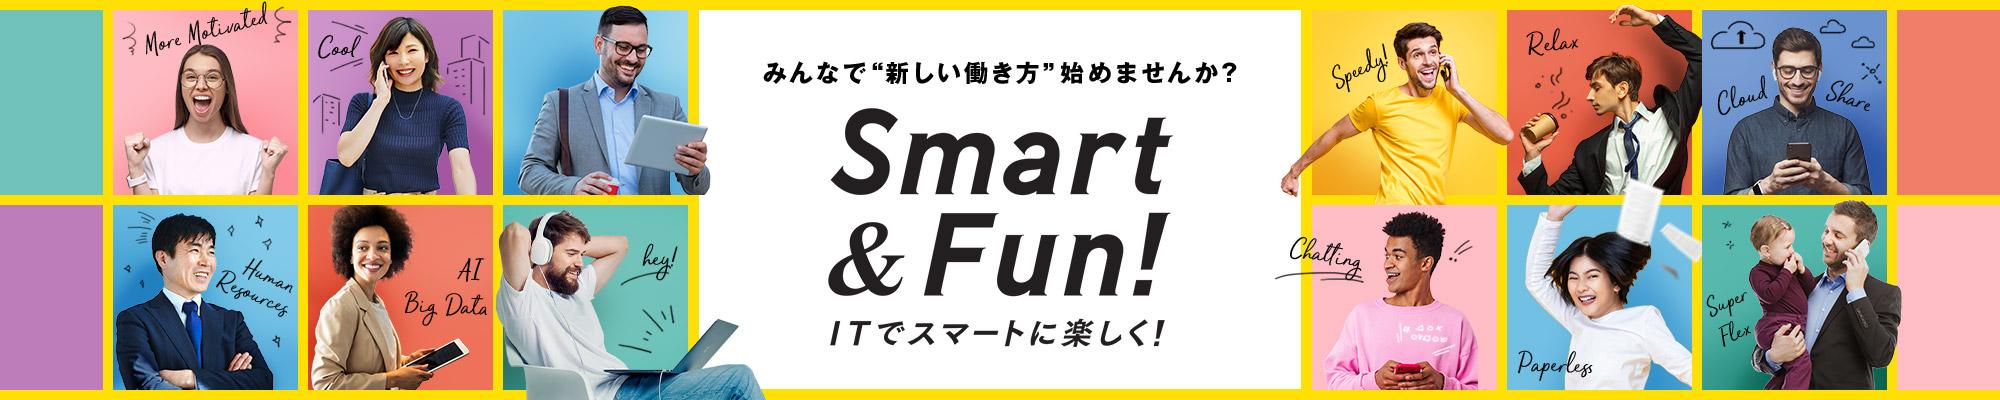 """みんなで """"新しい働き方"""" 始めませんか?Smart&Fun! ITでスマートに楽しく!"""